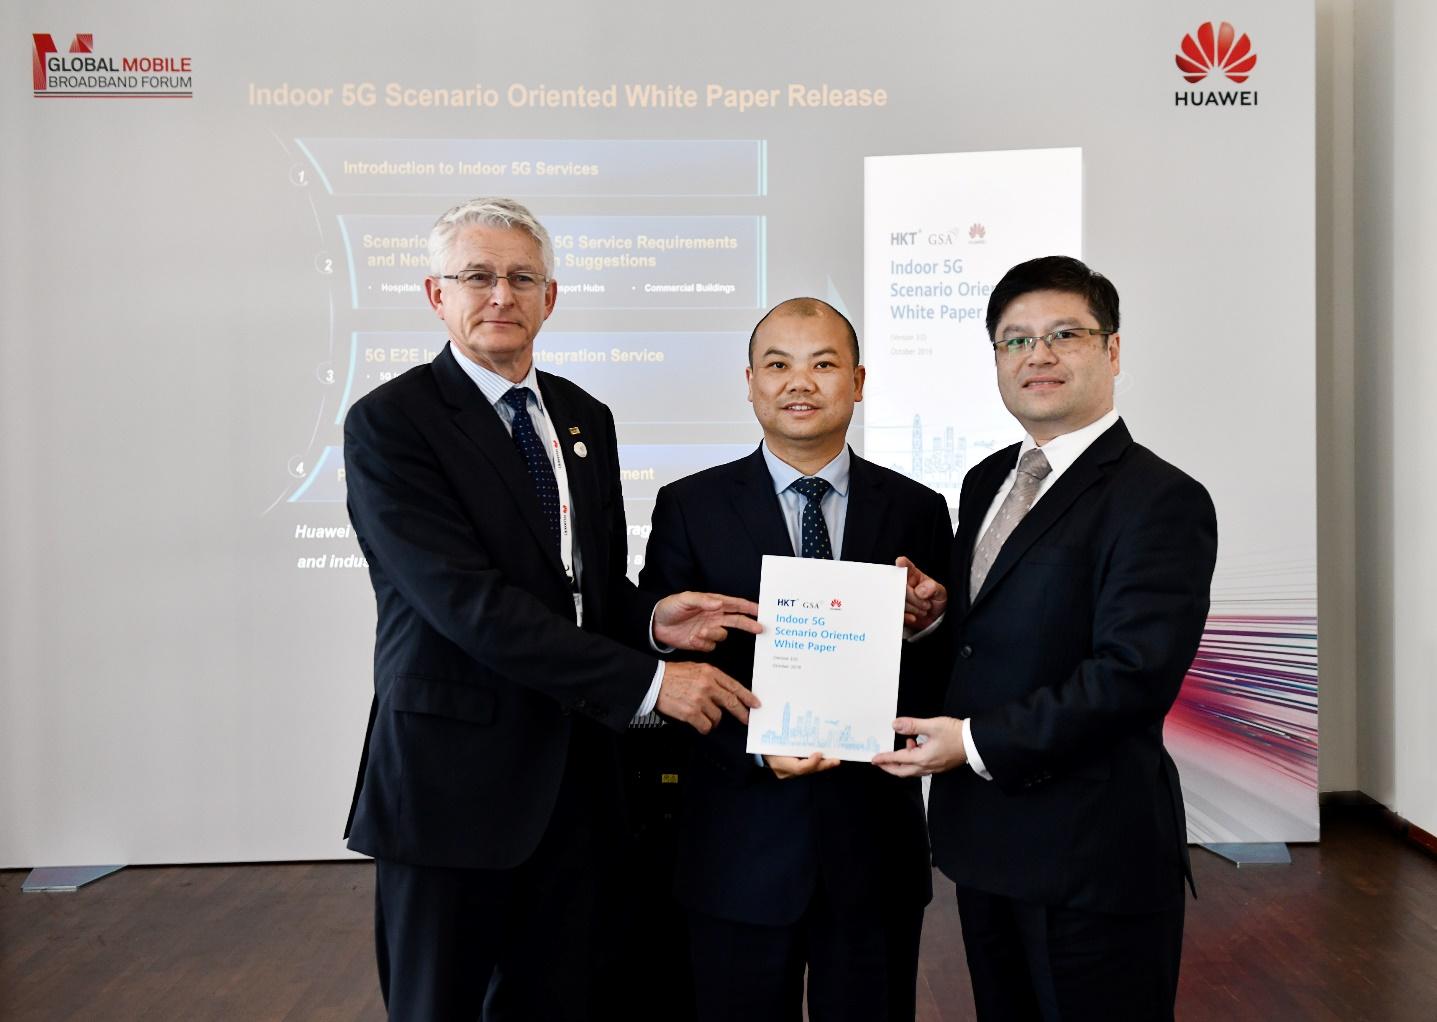 华为联合HKT、GSA发布室内5G场景化白皮书